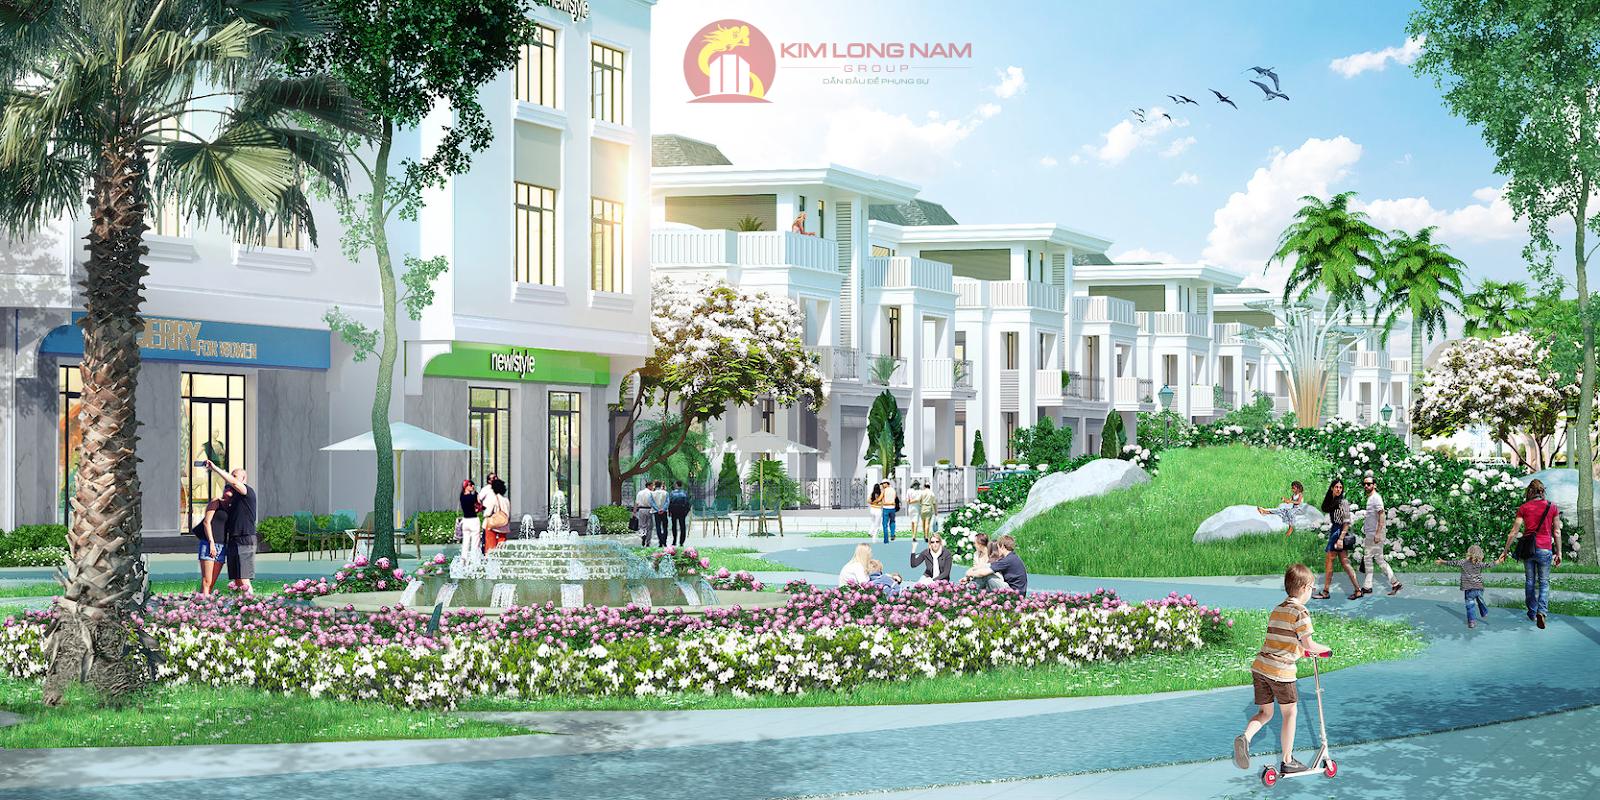 Mẫu biệt thự khu đô thị Kim Long Ocean Thuận Phước